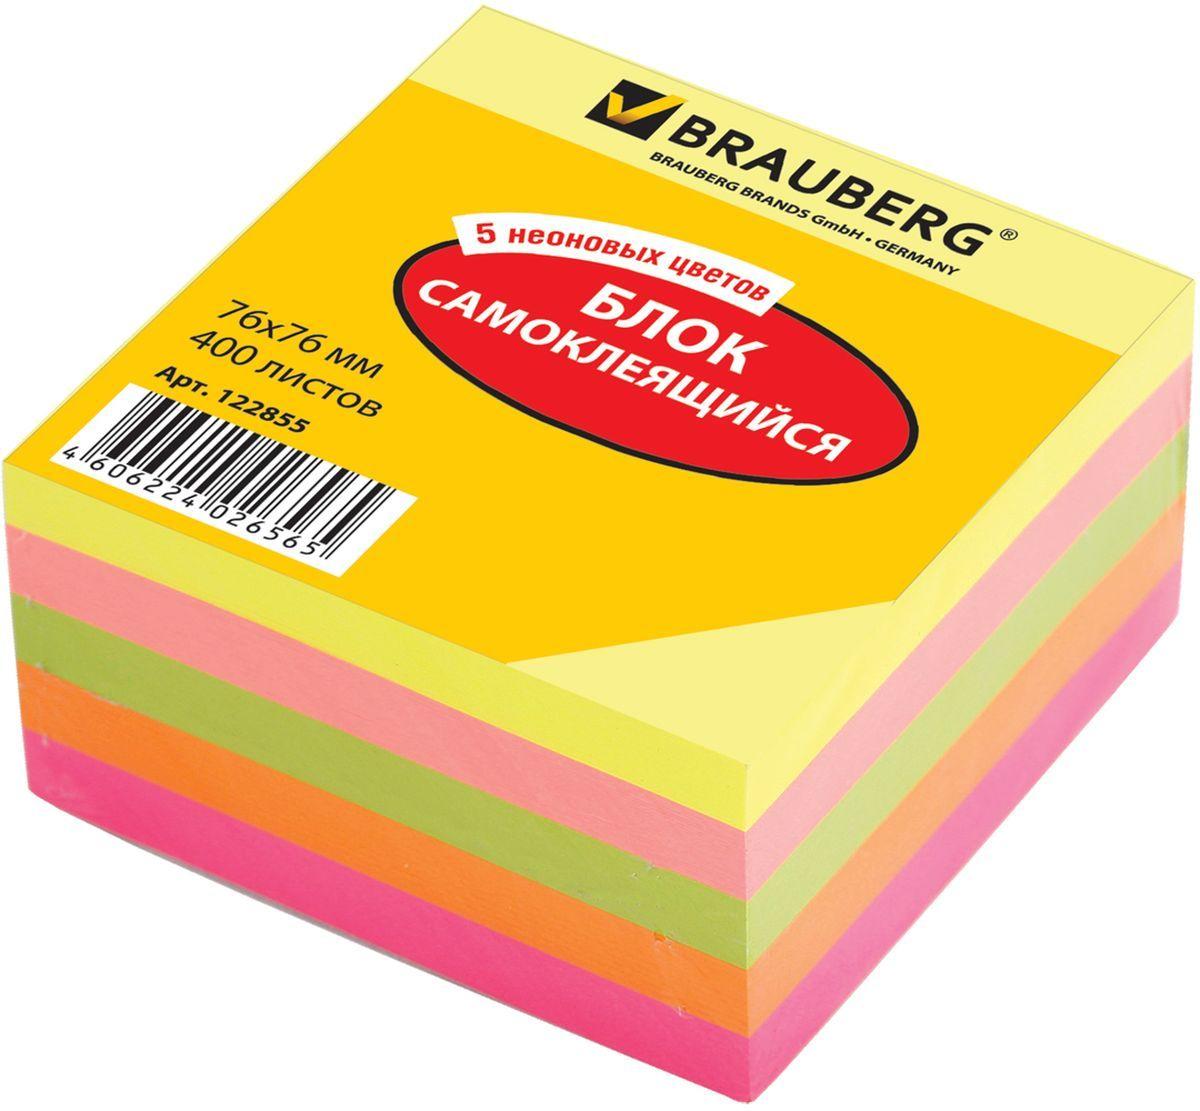 Brauberg Бумага для заметок 400 листов62026Яркая бумага для заметок Brauberg непременно привлечет к себе внимание.Бумага состоит из четырехсот разноцветных листочков, которые удобны для заметок, объявлений и других коротких сообщений. Листочки легко приклеиваются к любой поверхности, будь то бумага, корпус монитора или дверь. Также они не оставляют следов после отклеивания.